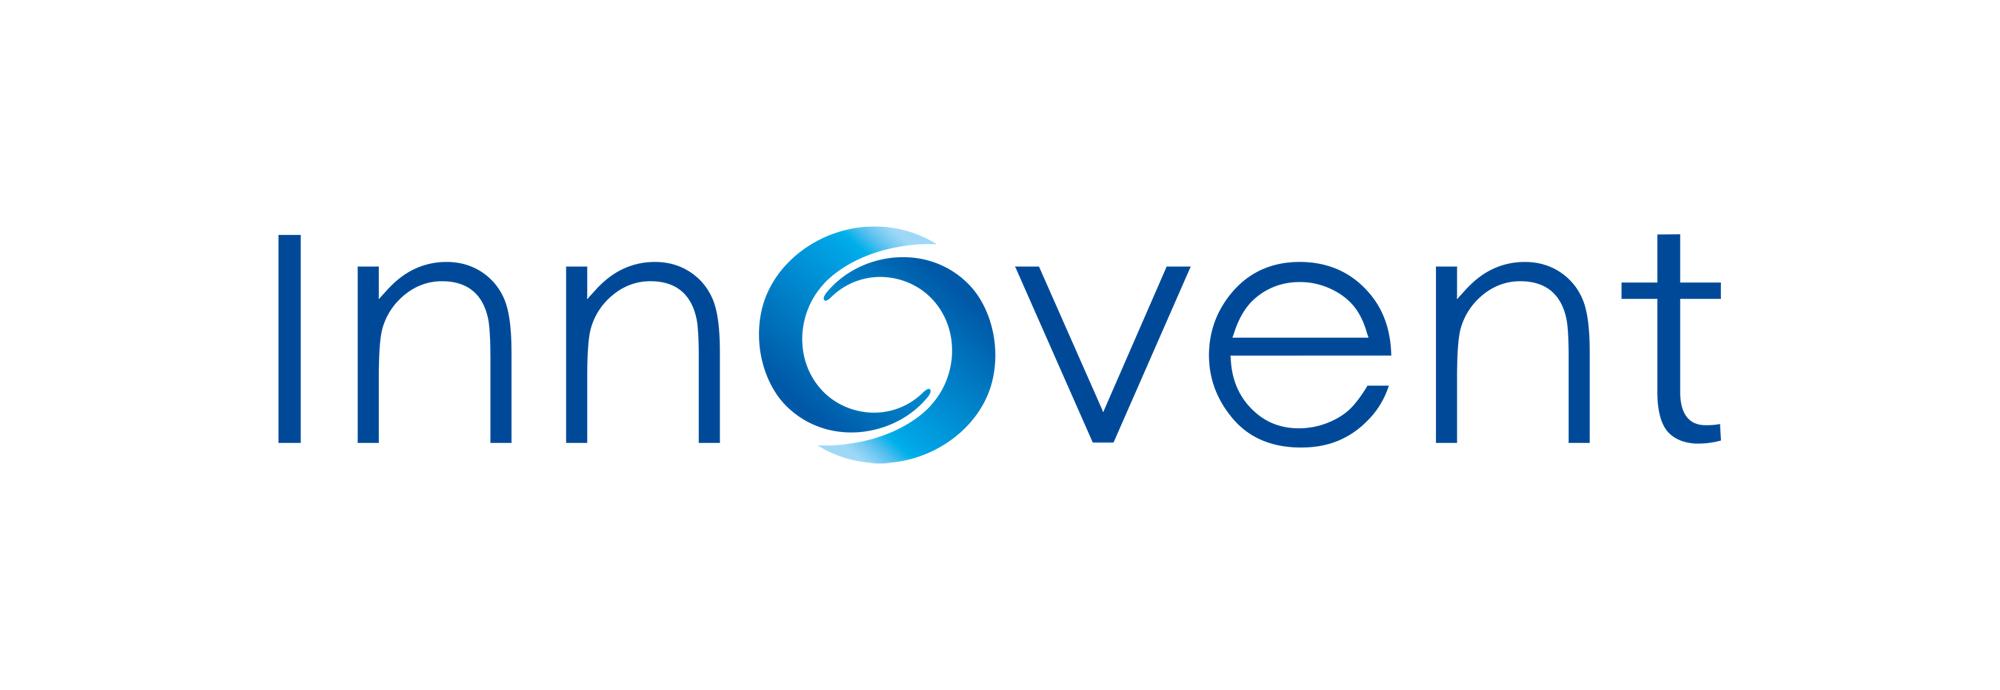 «Инновент байолоджикс» (Innovent Biologics).